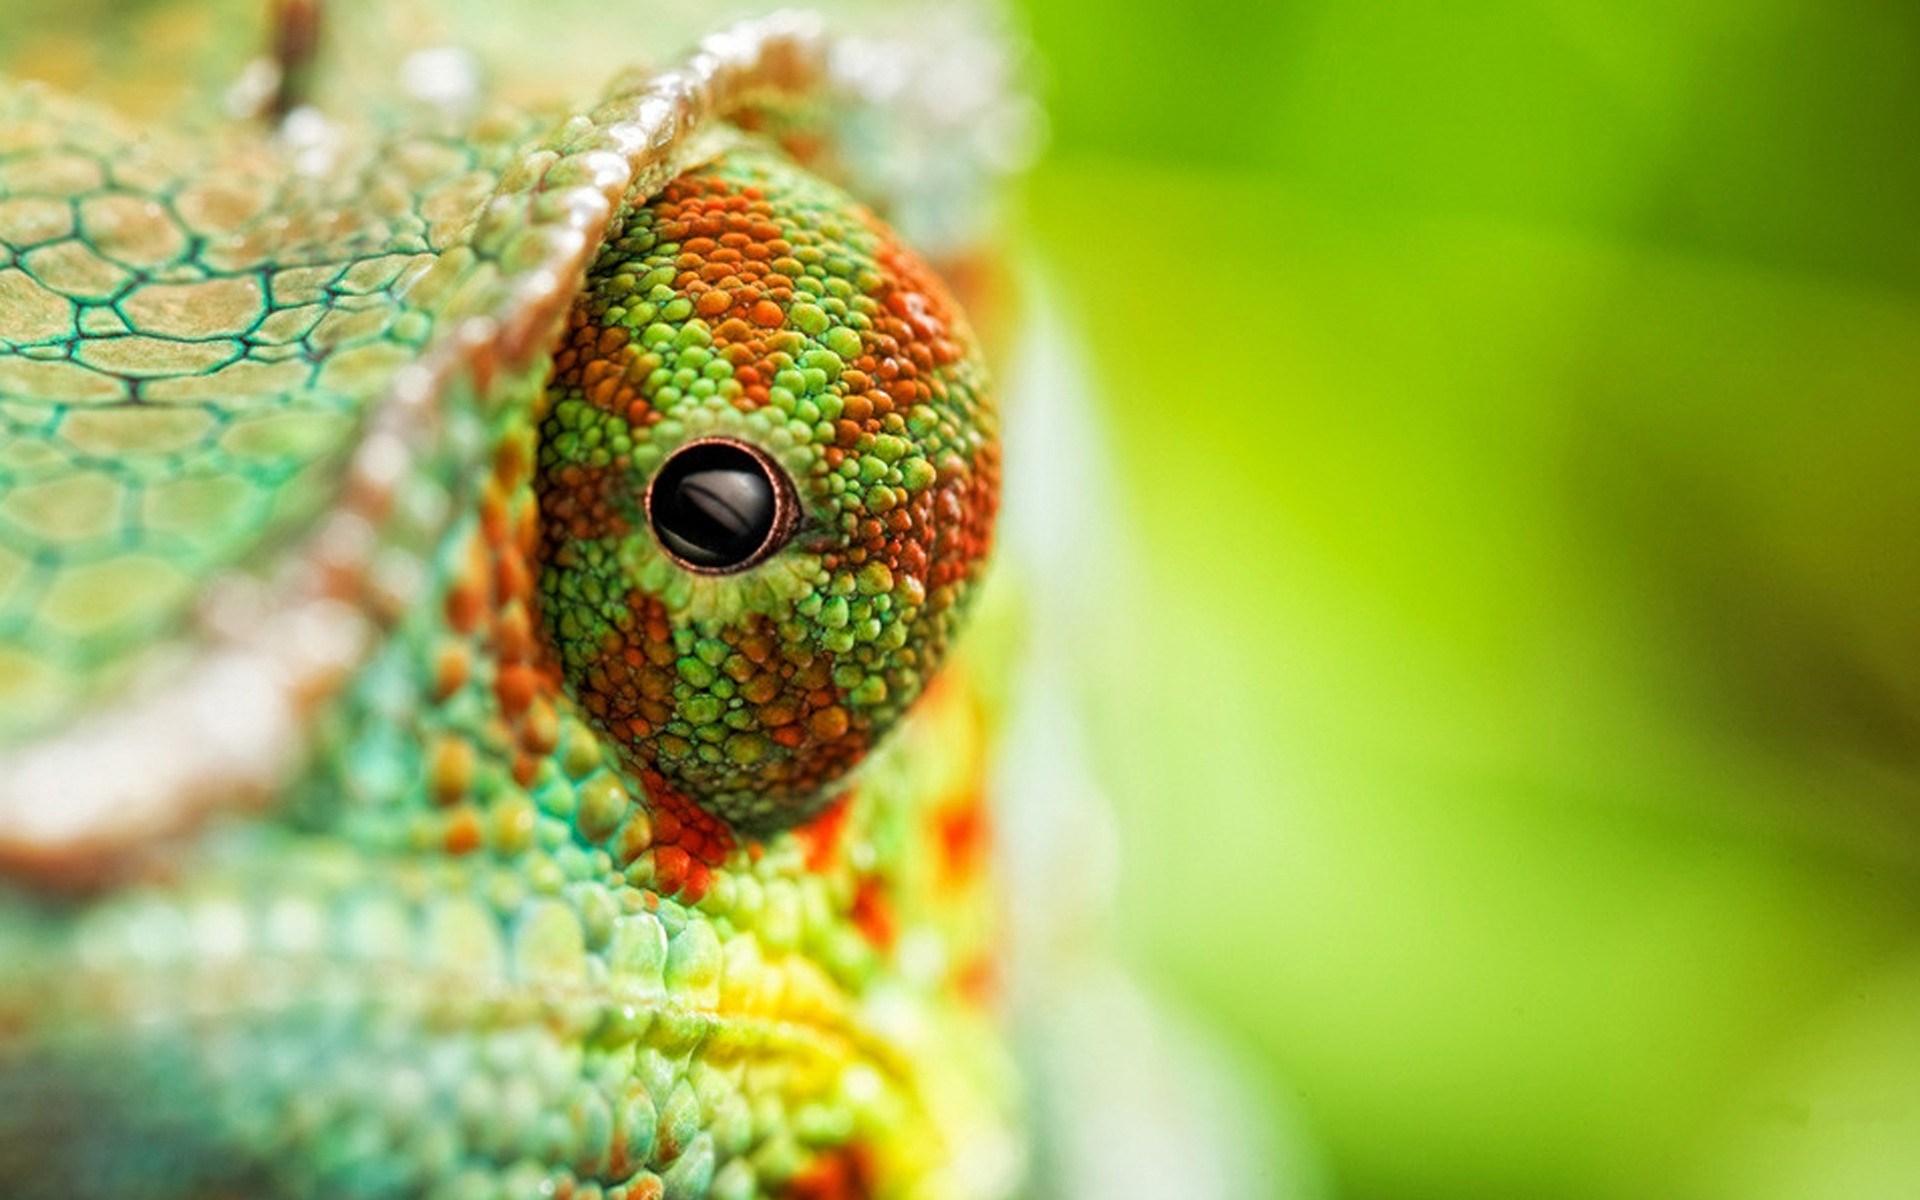 Chameleon Eye